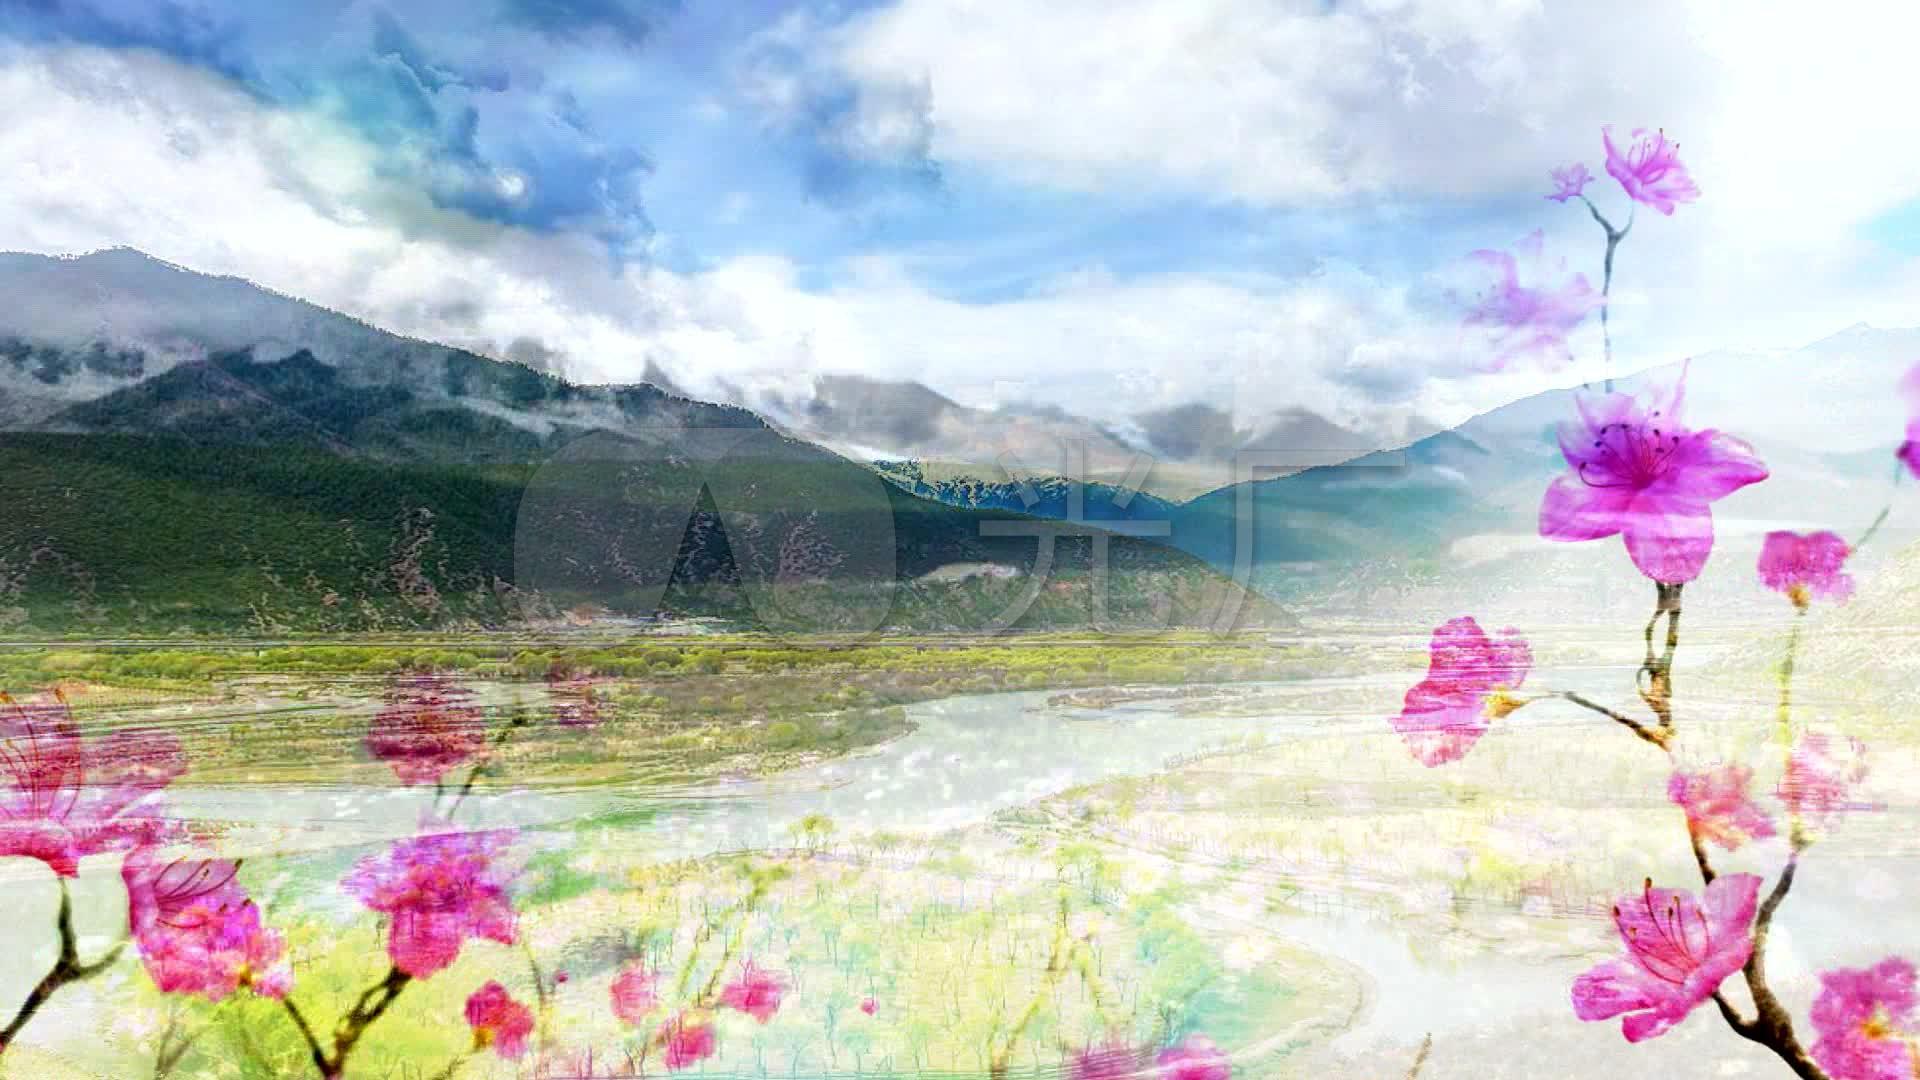 藏族视频《图片谣》LED背景吉祥_1920X108采集视频舞蹈图片